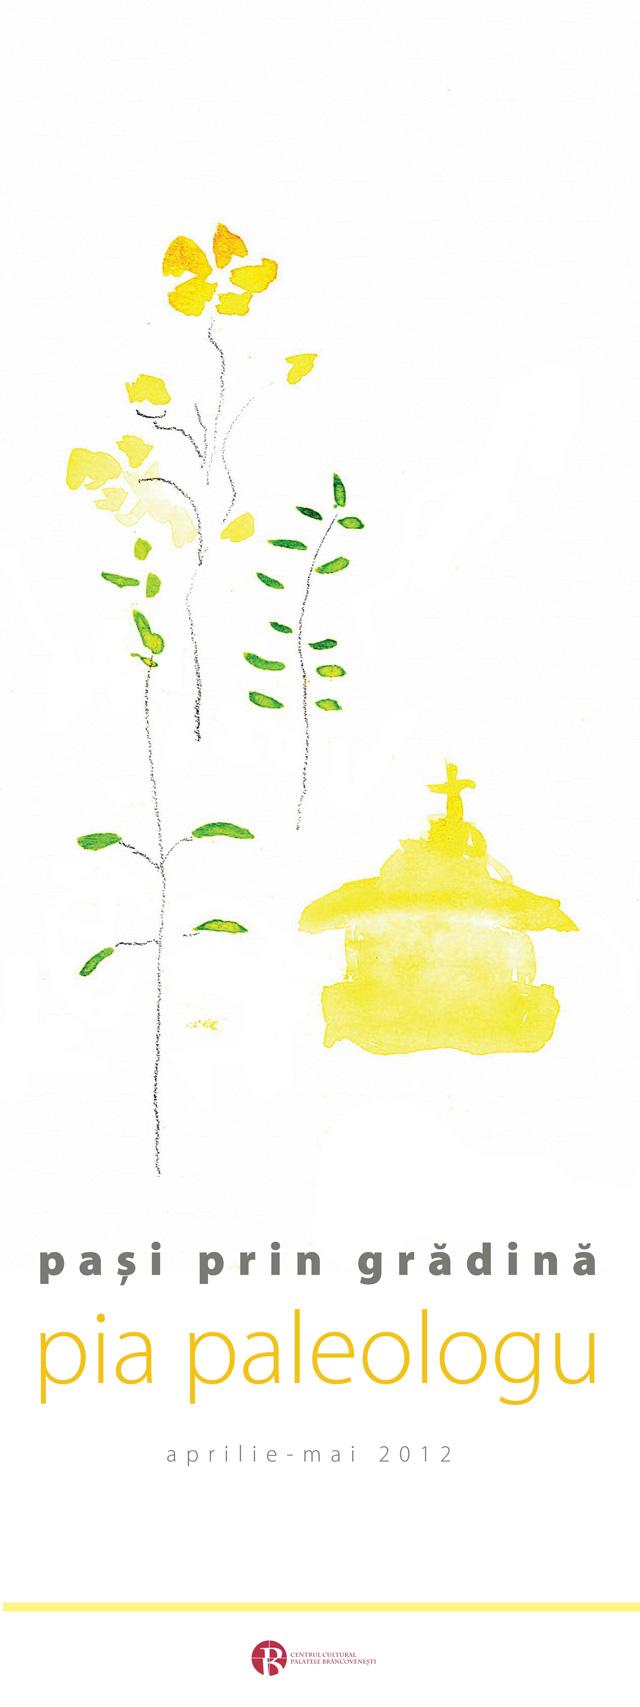 """Olimpia Paleologu, """"Paşi prin grădină"""" @ Casa Artelor, Palatele Brâncovenești Mogoșoaia"""